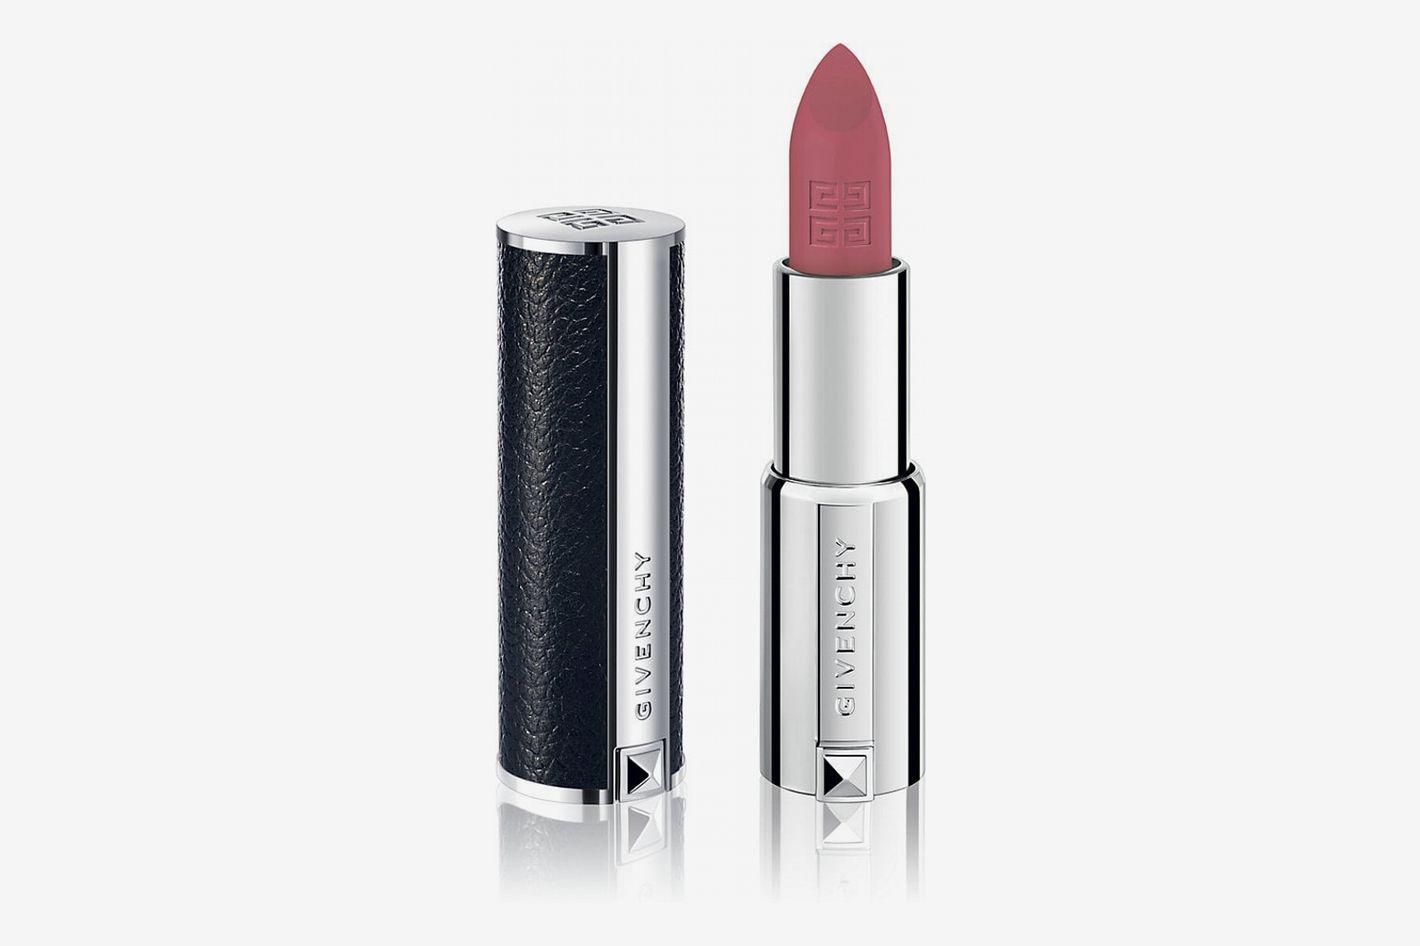 Givenchy Beauty Le Rouge Matte Lipstick